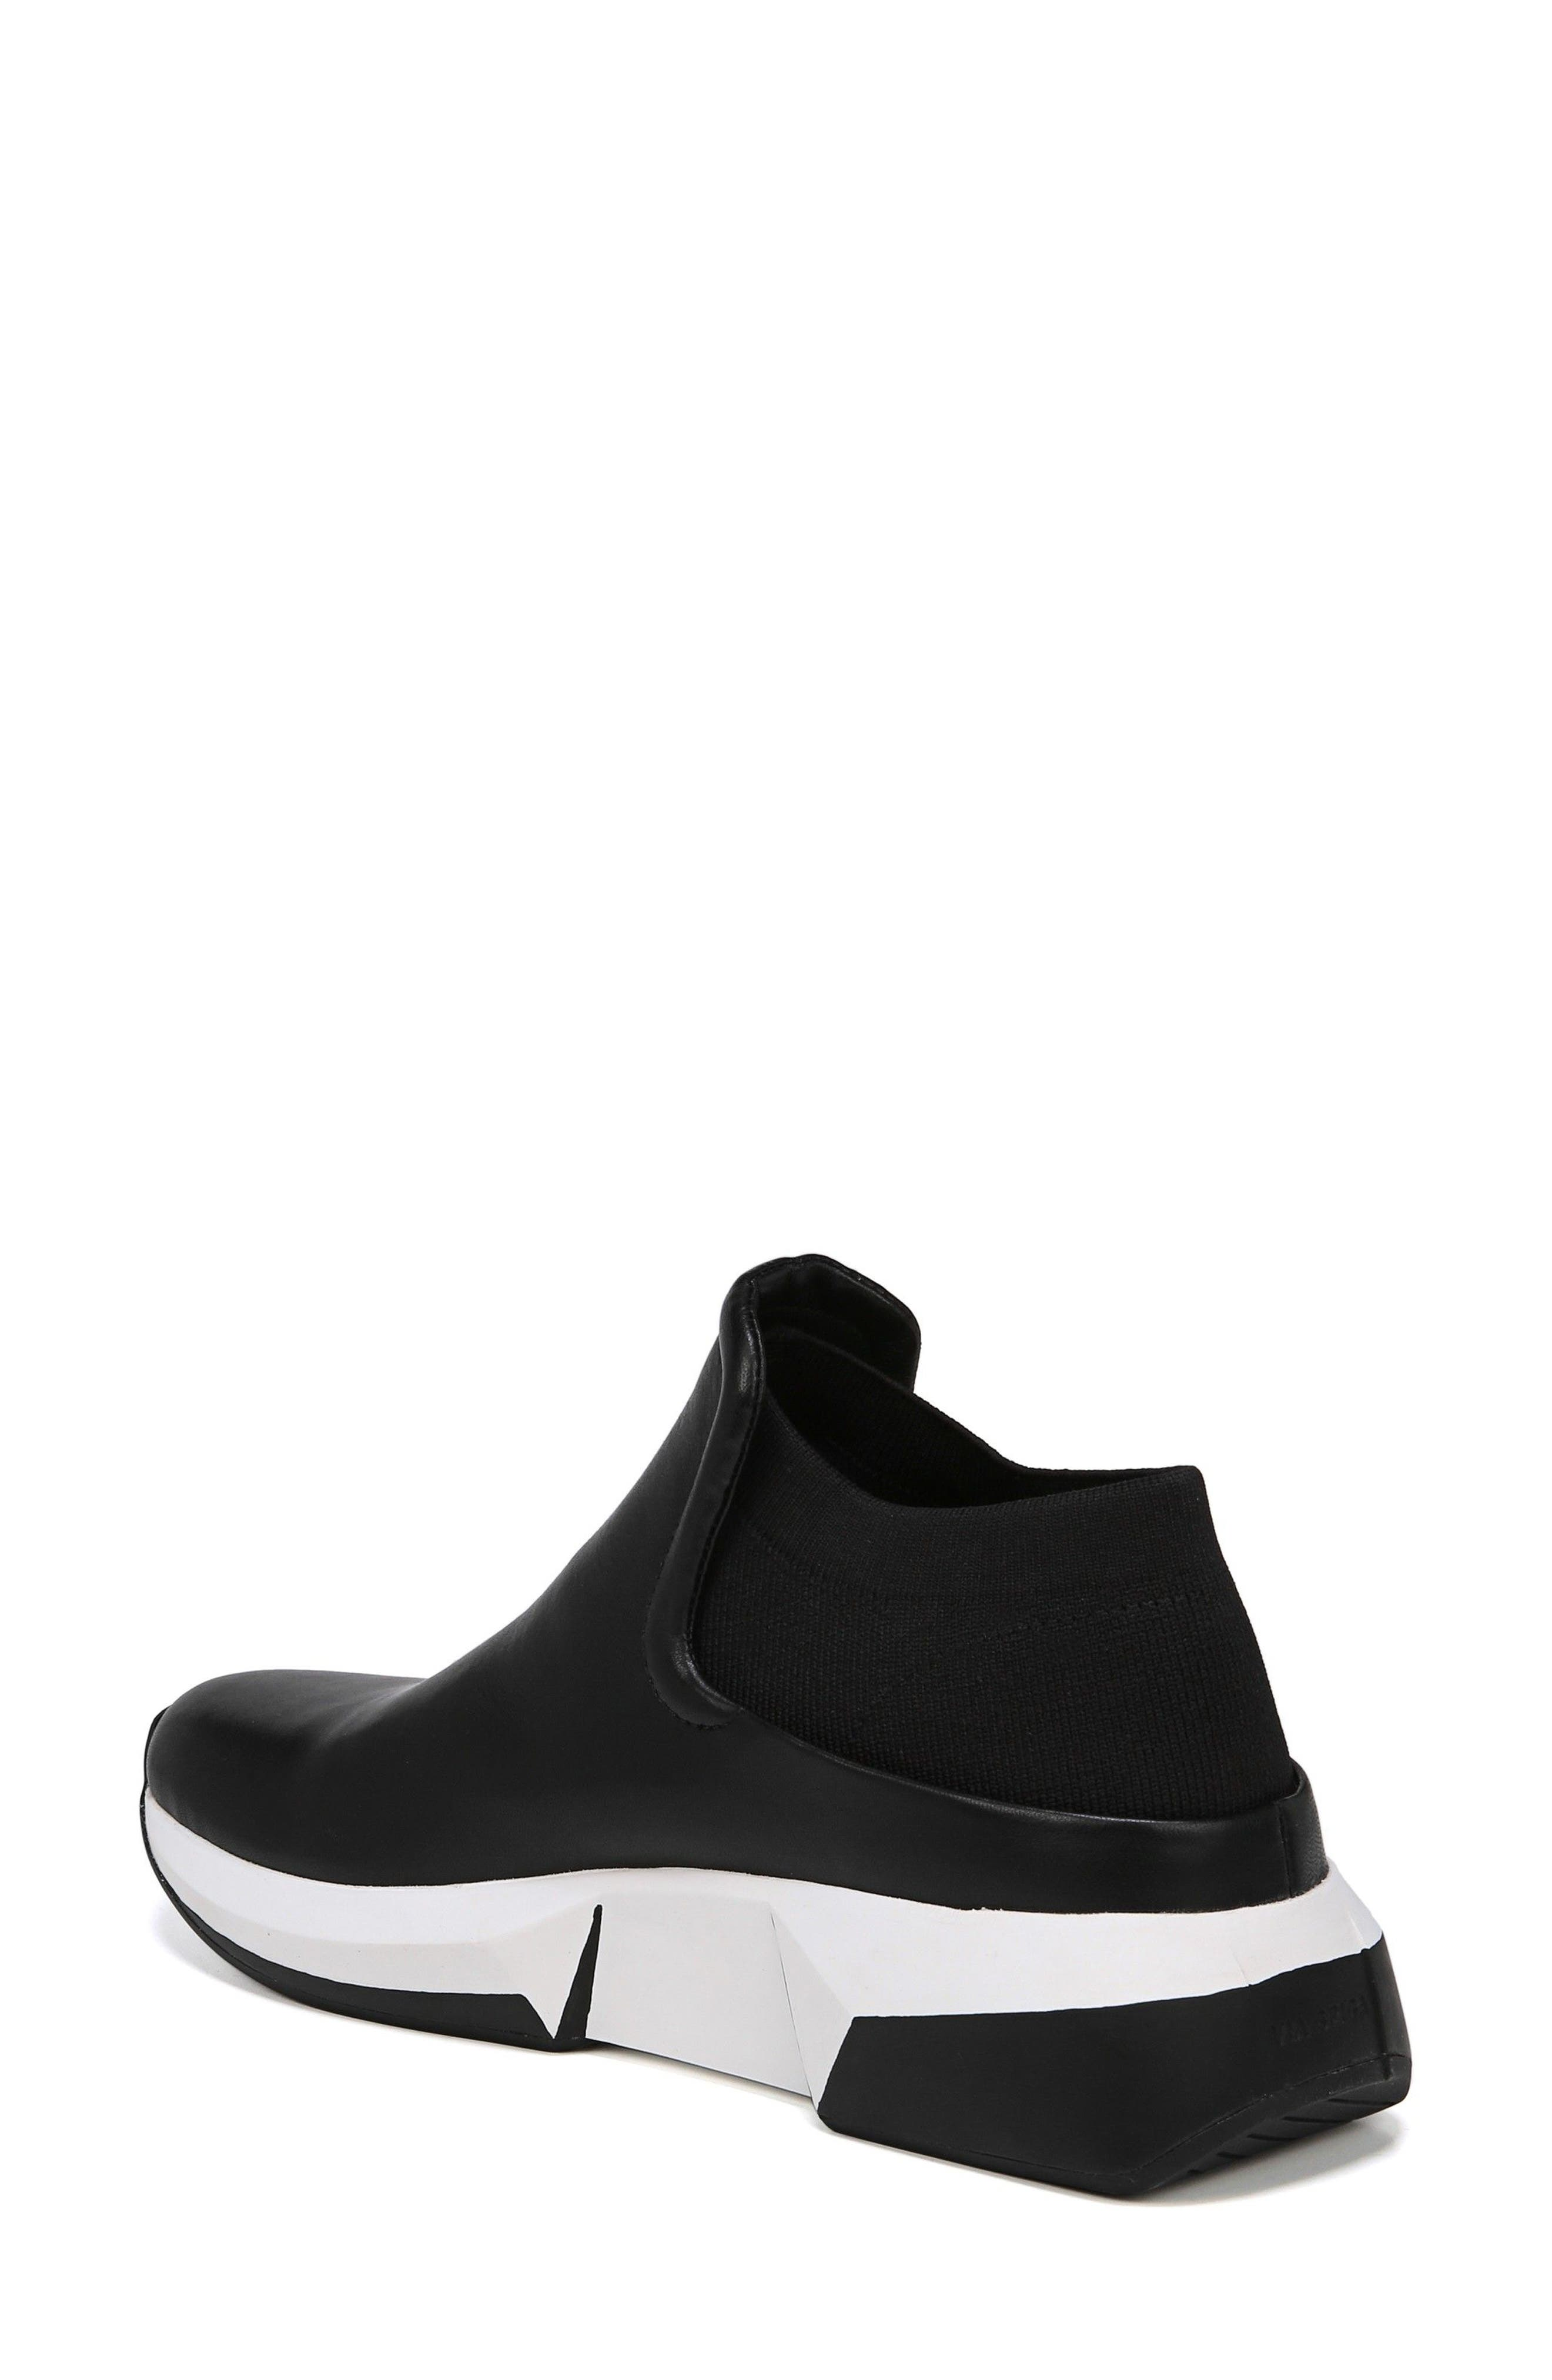 Veila Slip-On Sneaker,                             Alternate thumbnail 2, color,                             Black Leather